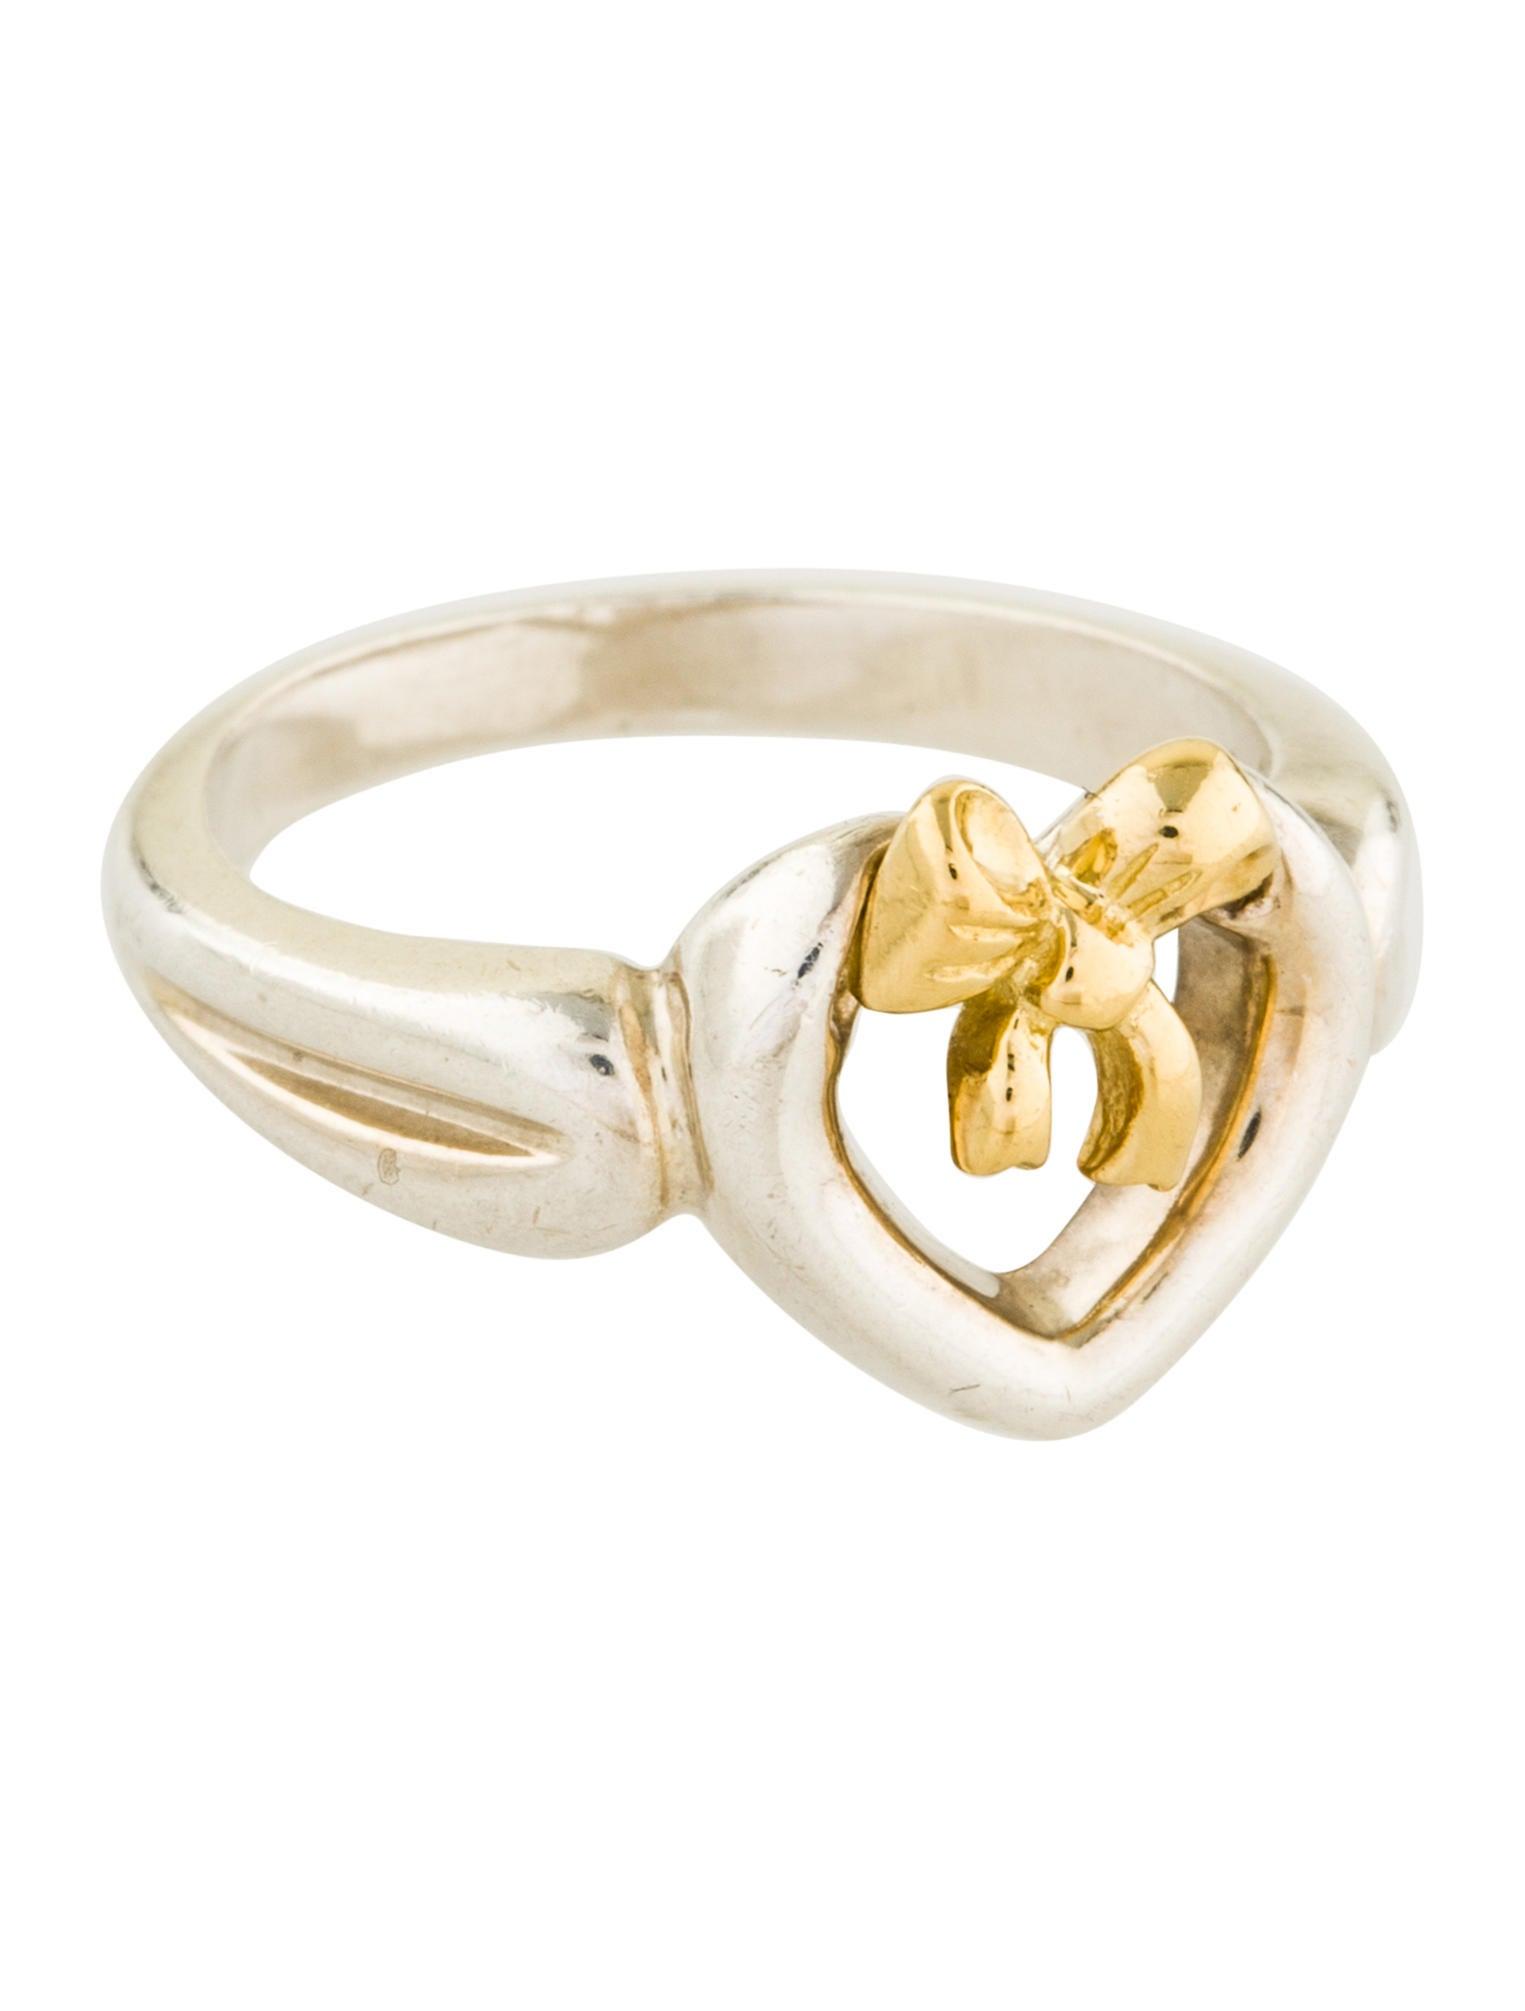 Ring Bow Il Gioiello Personalizzabile Con La Tua Nailart: Tiffany & Co. Two-Tone Heart Bow Ring